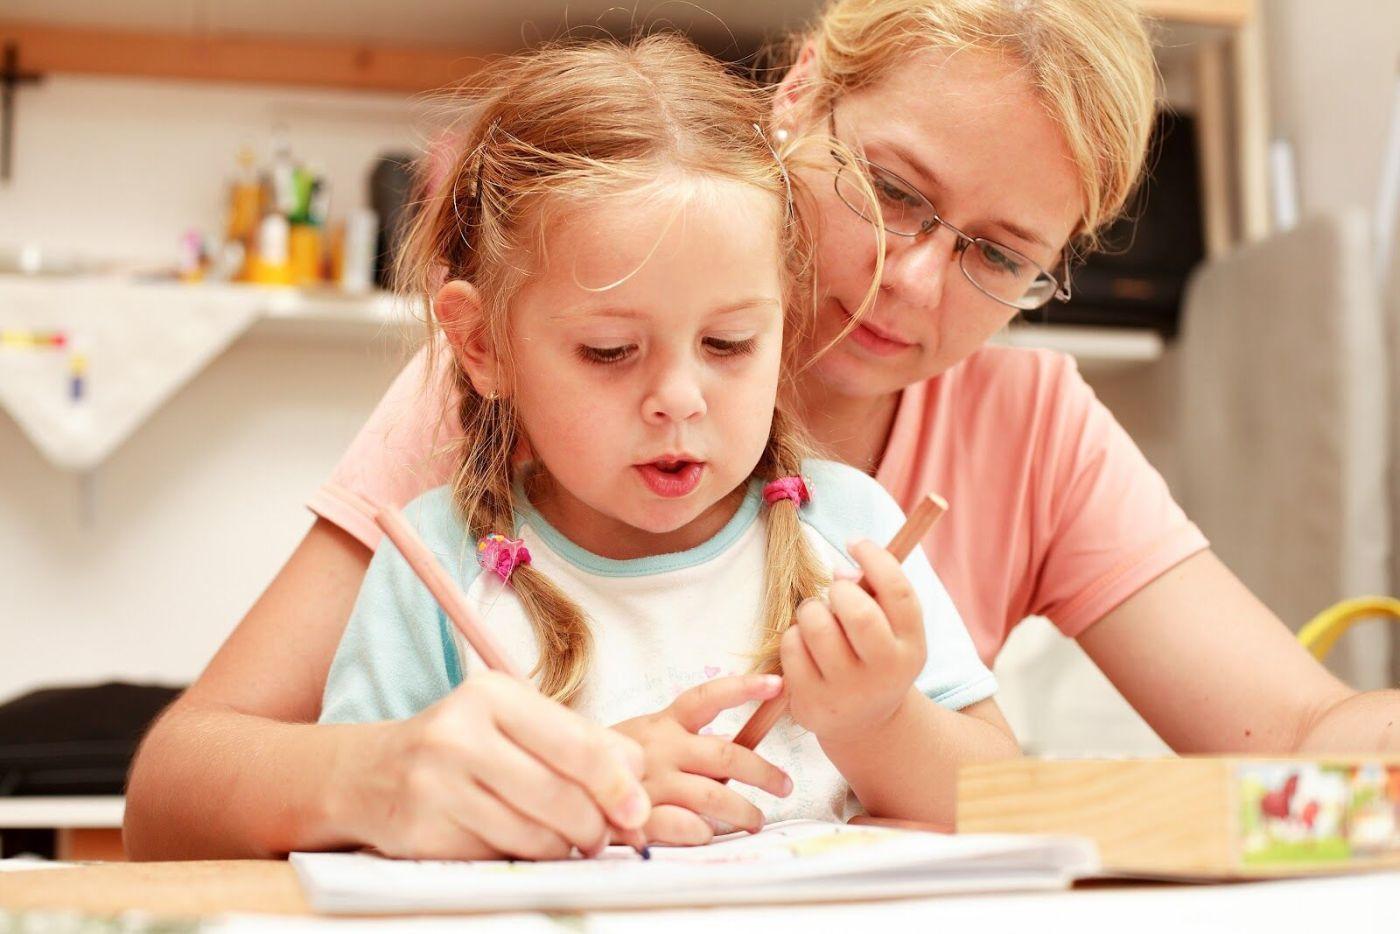 Обучение ребёнка в домашних условиях в 4 года